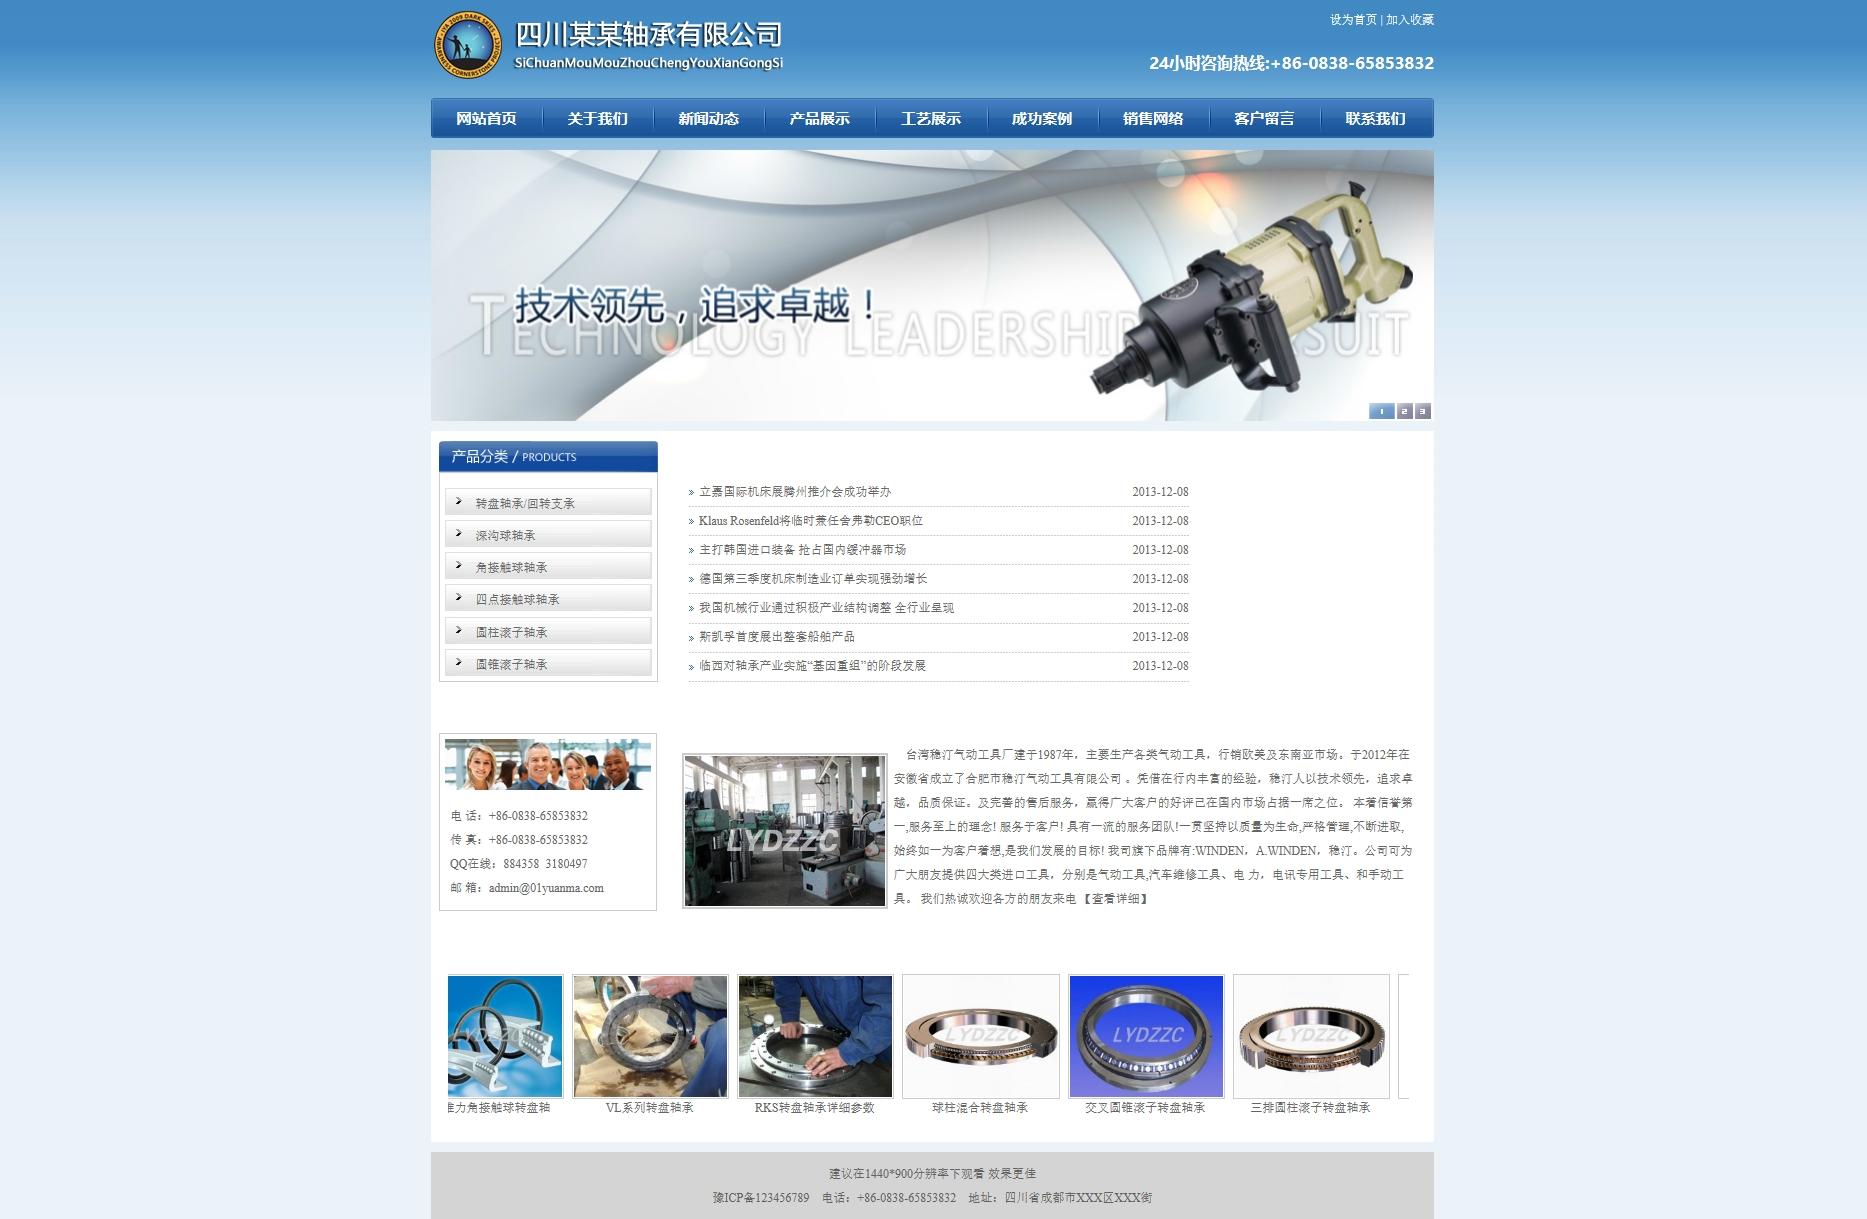 蓝色科技机械轴承企业官网整站织梦dedecms源码